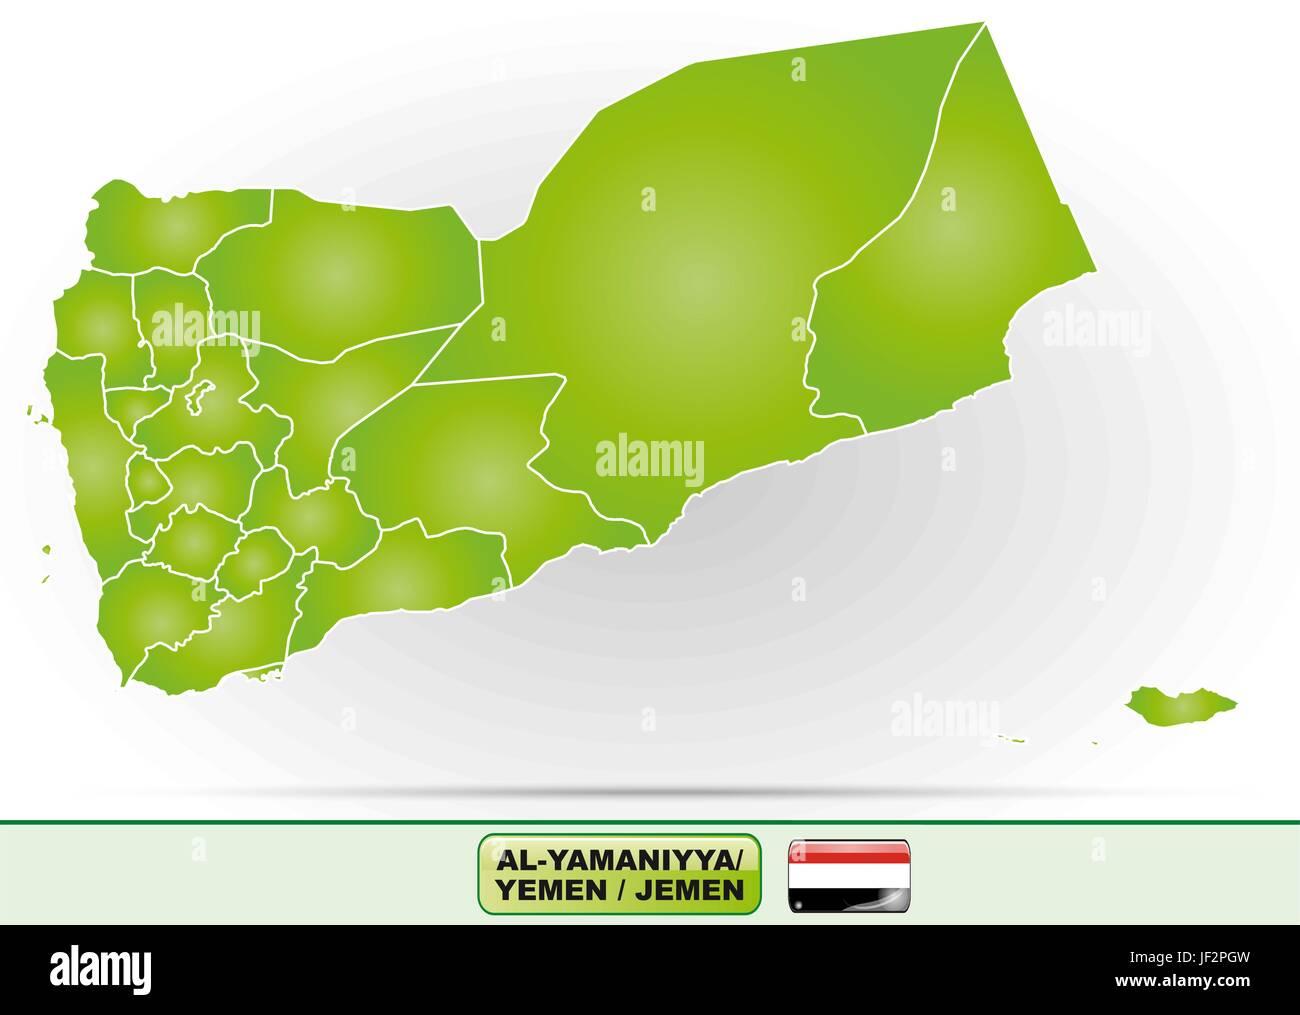 map of yemen - Stock Vector